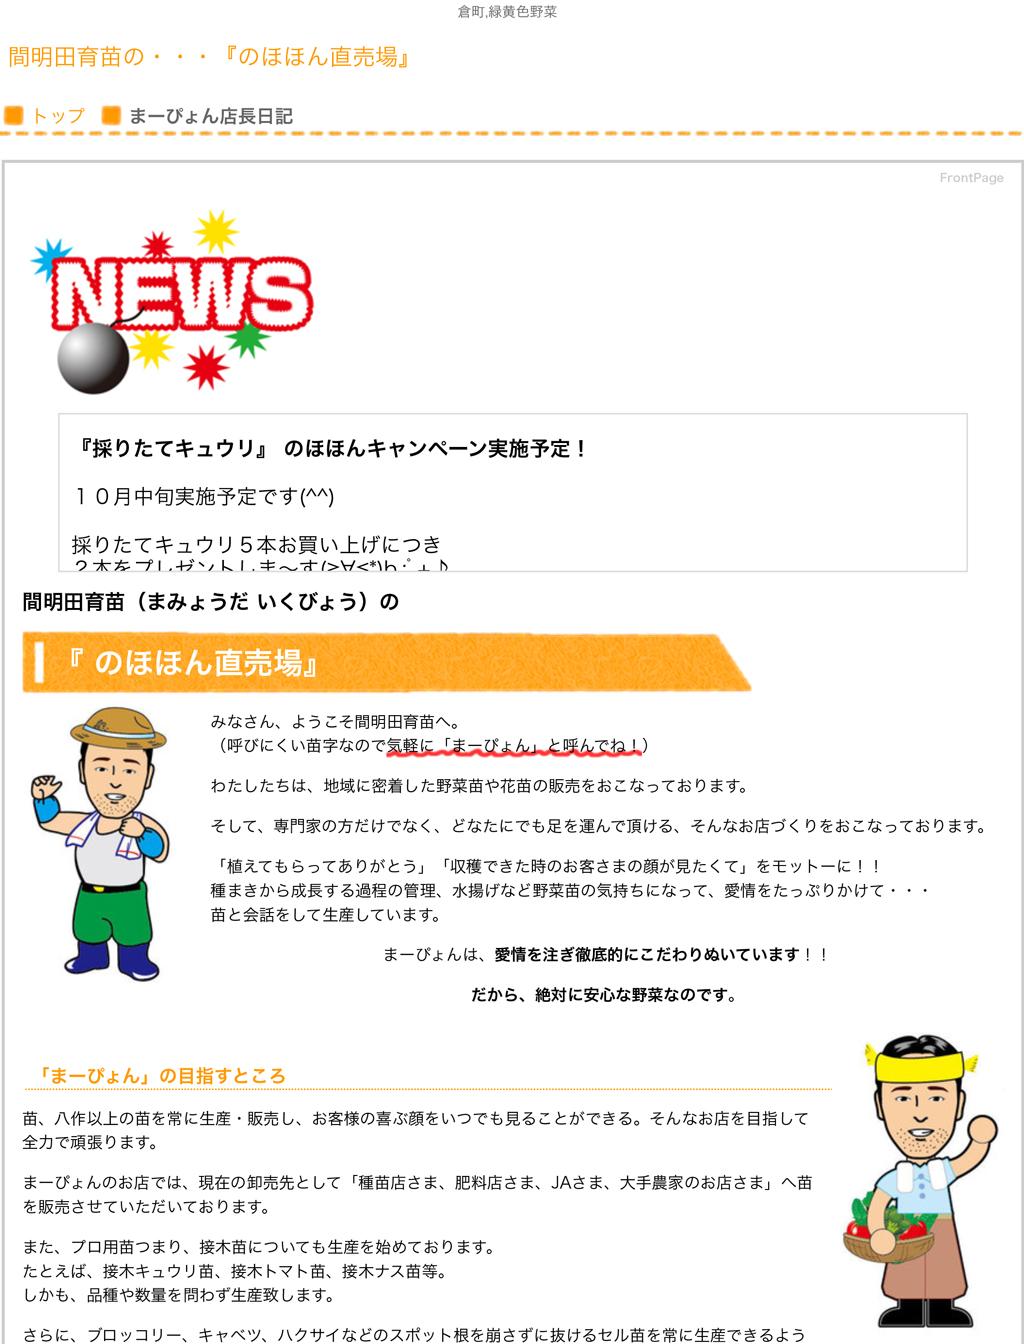 """""""間明田育苗の・・・『のほほん直売場』""""のプレビュー-1"""